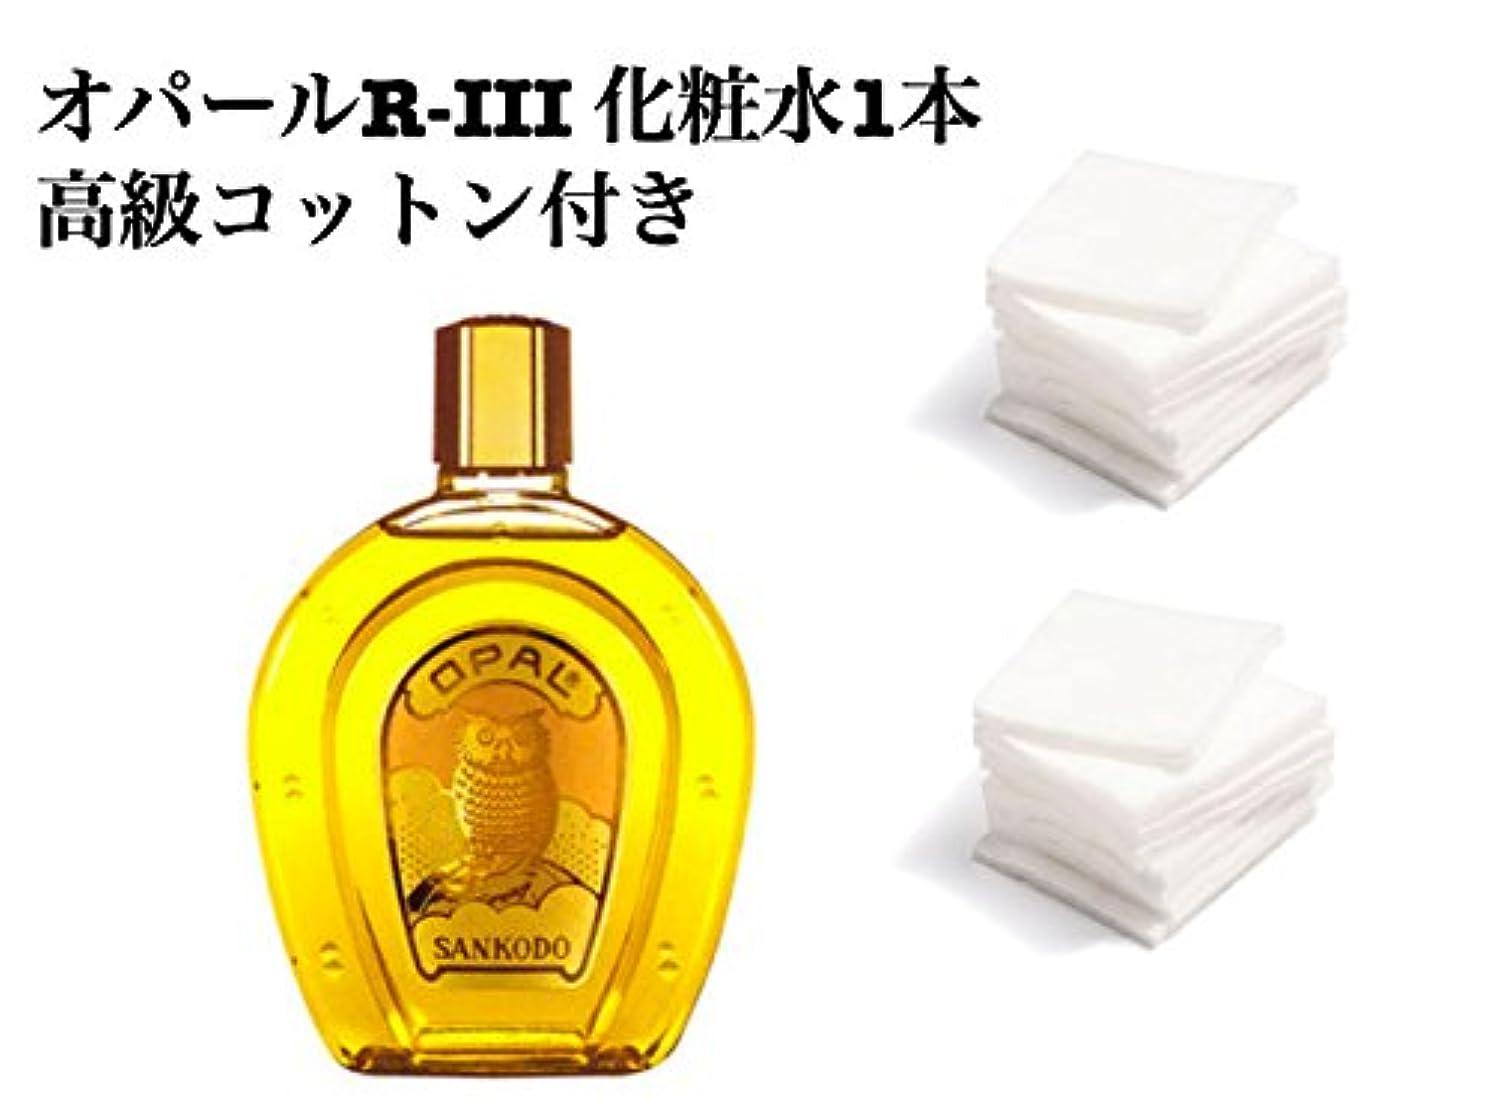 医薬品無心飛ぶ【オパール化粧品】薬用オパール_R-Ⅲ (70ml & コットンセット)